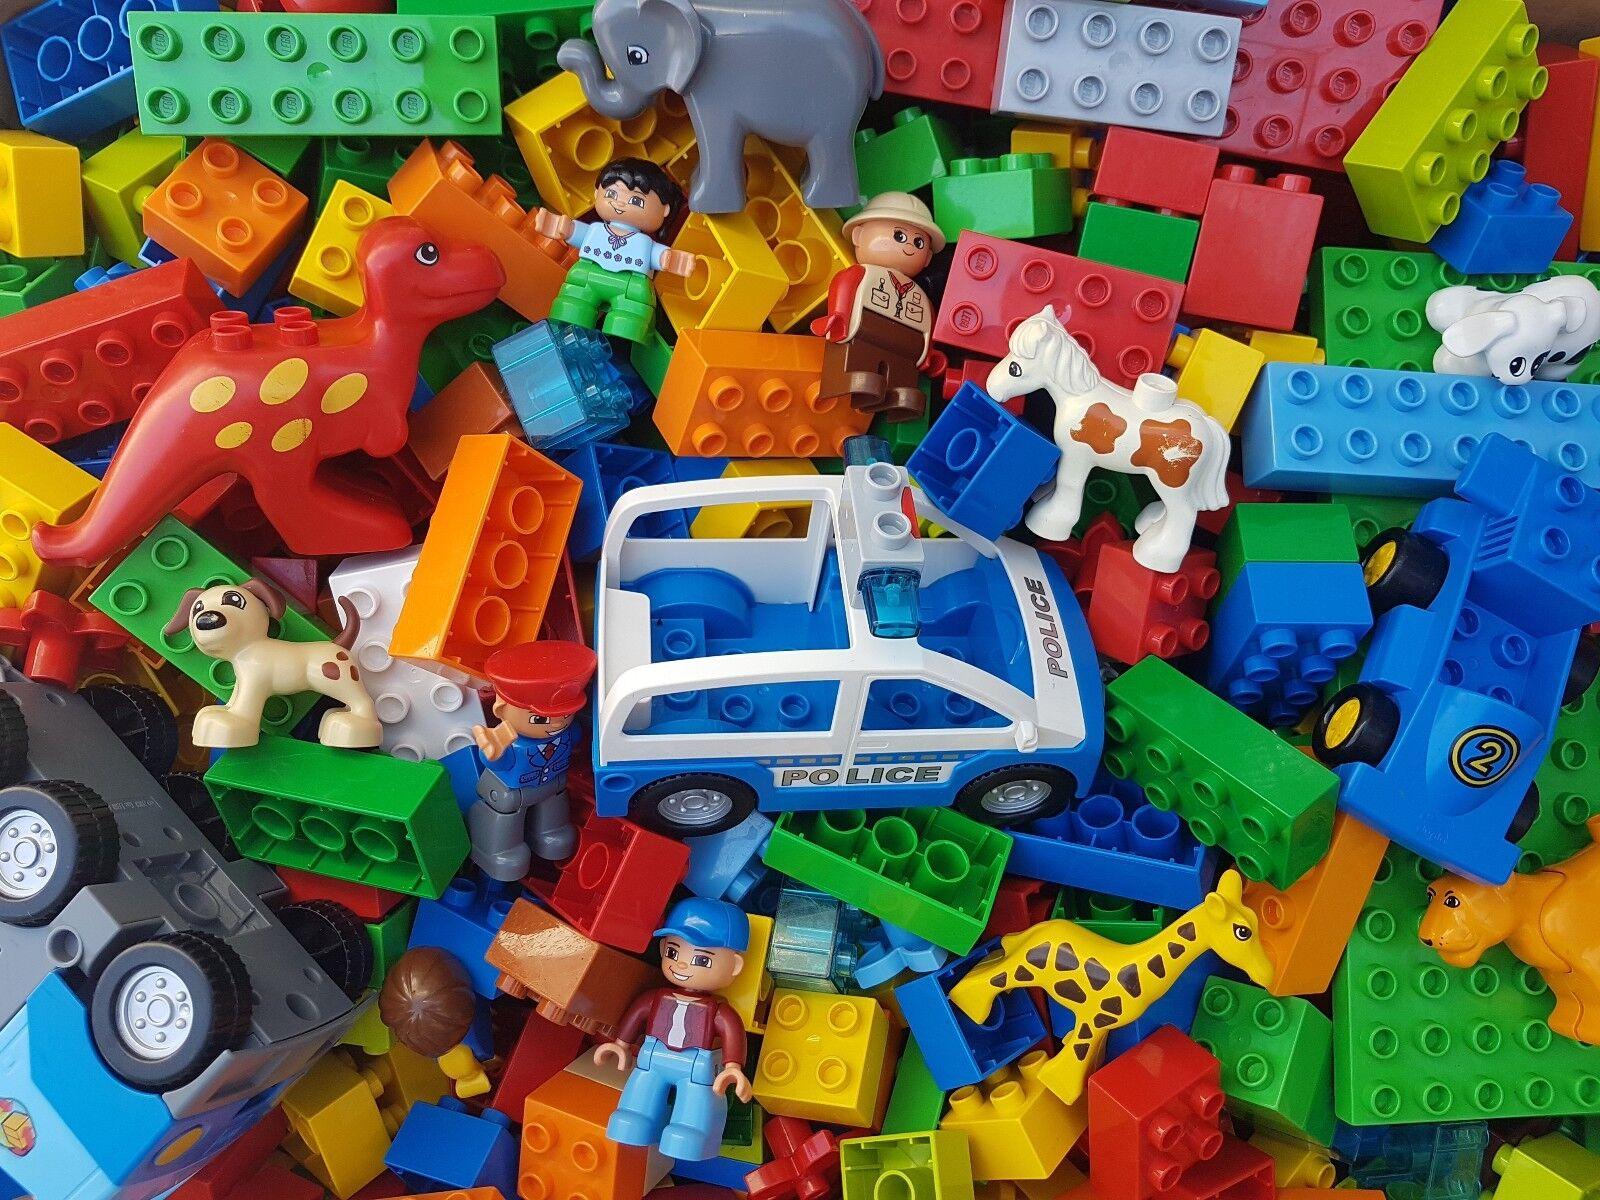 LEGO DUPLO 1KG Starter oder Ergänzungs Paket Bausteine Auto Tiere Platten